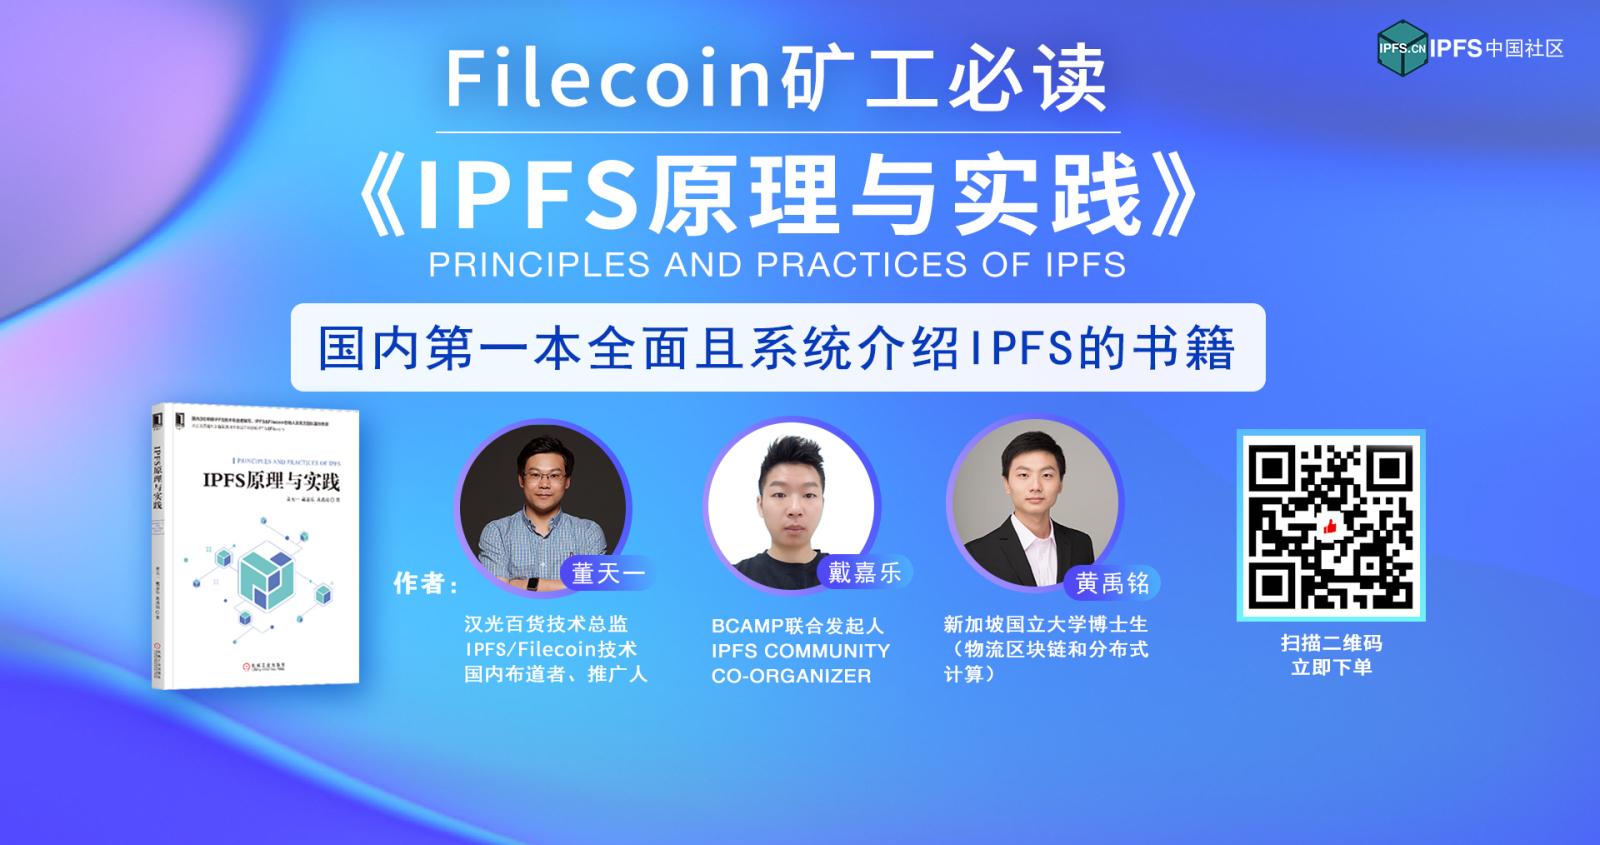 Filecoin矿工必读 ——《IPFS原理与实践》